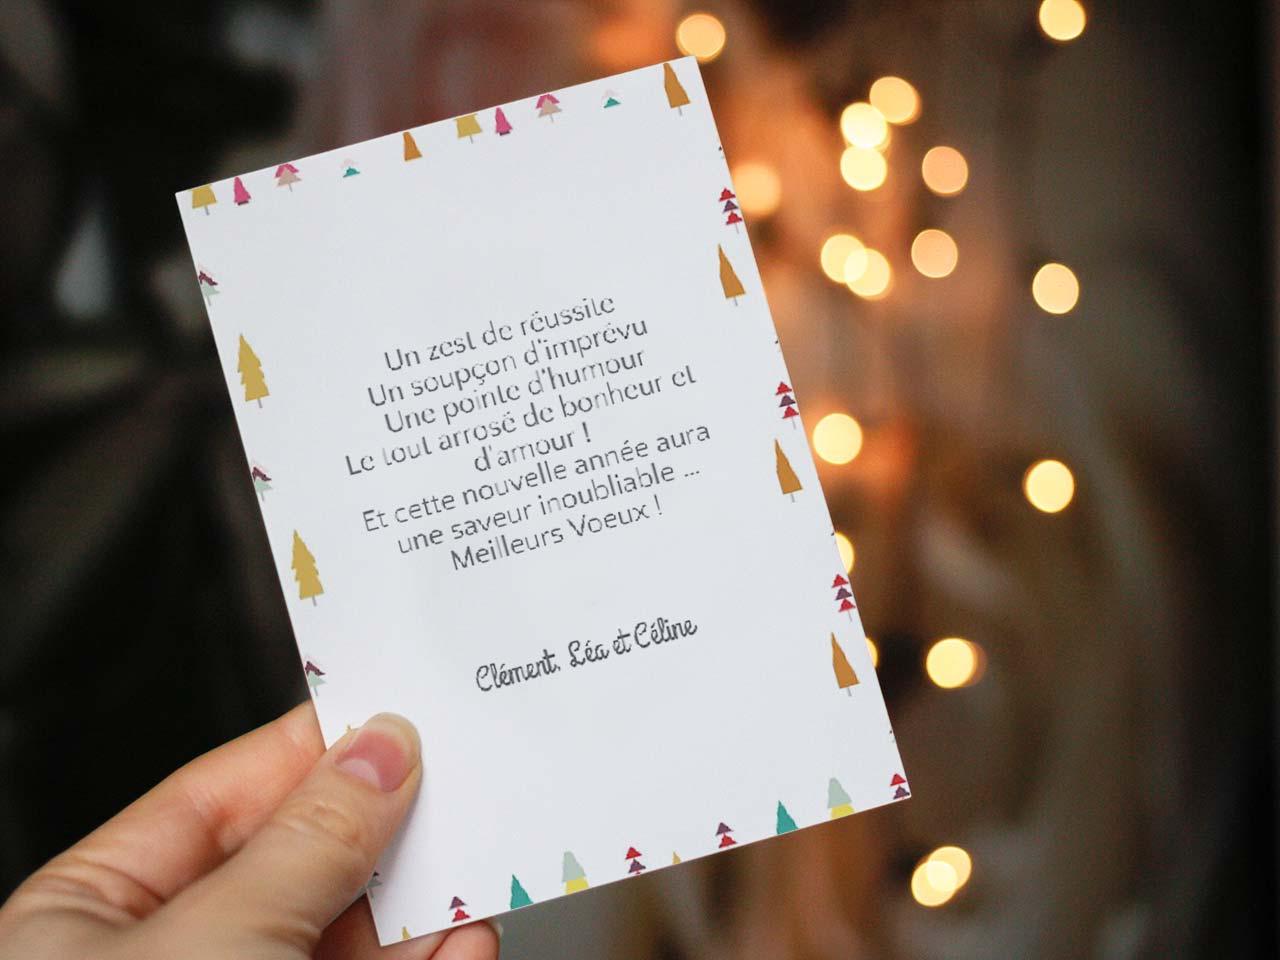 Vœux De Bonne Année : 10 Idées De Textes Inspirants concernant Poeme Voeux Nouvel An